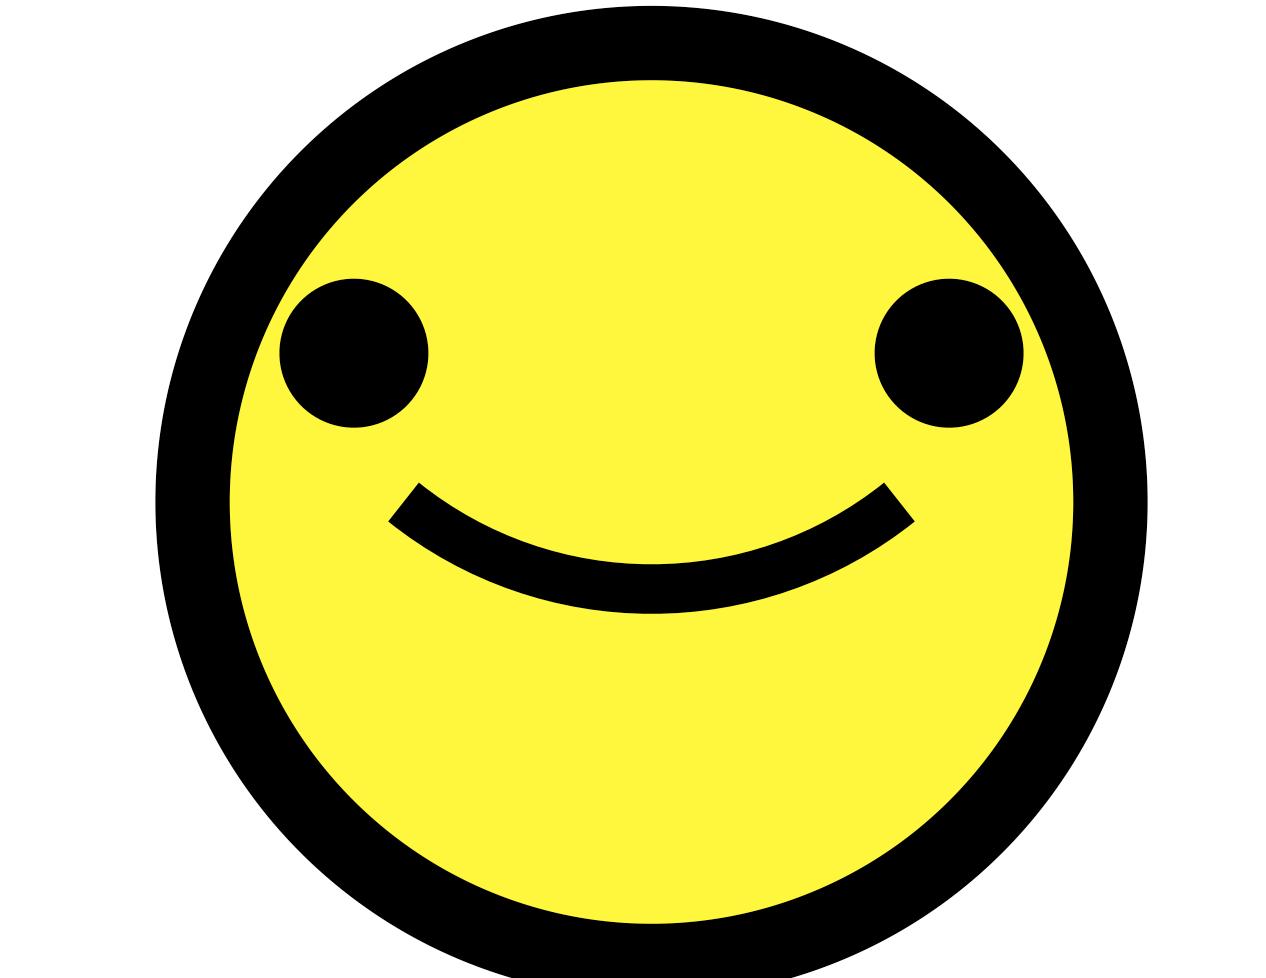 Derp Smiley Face